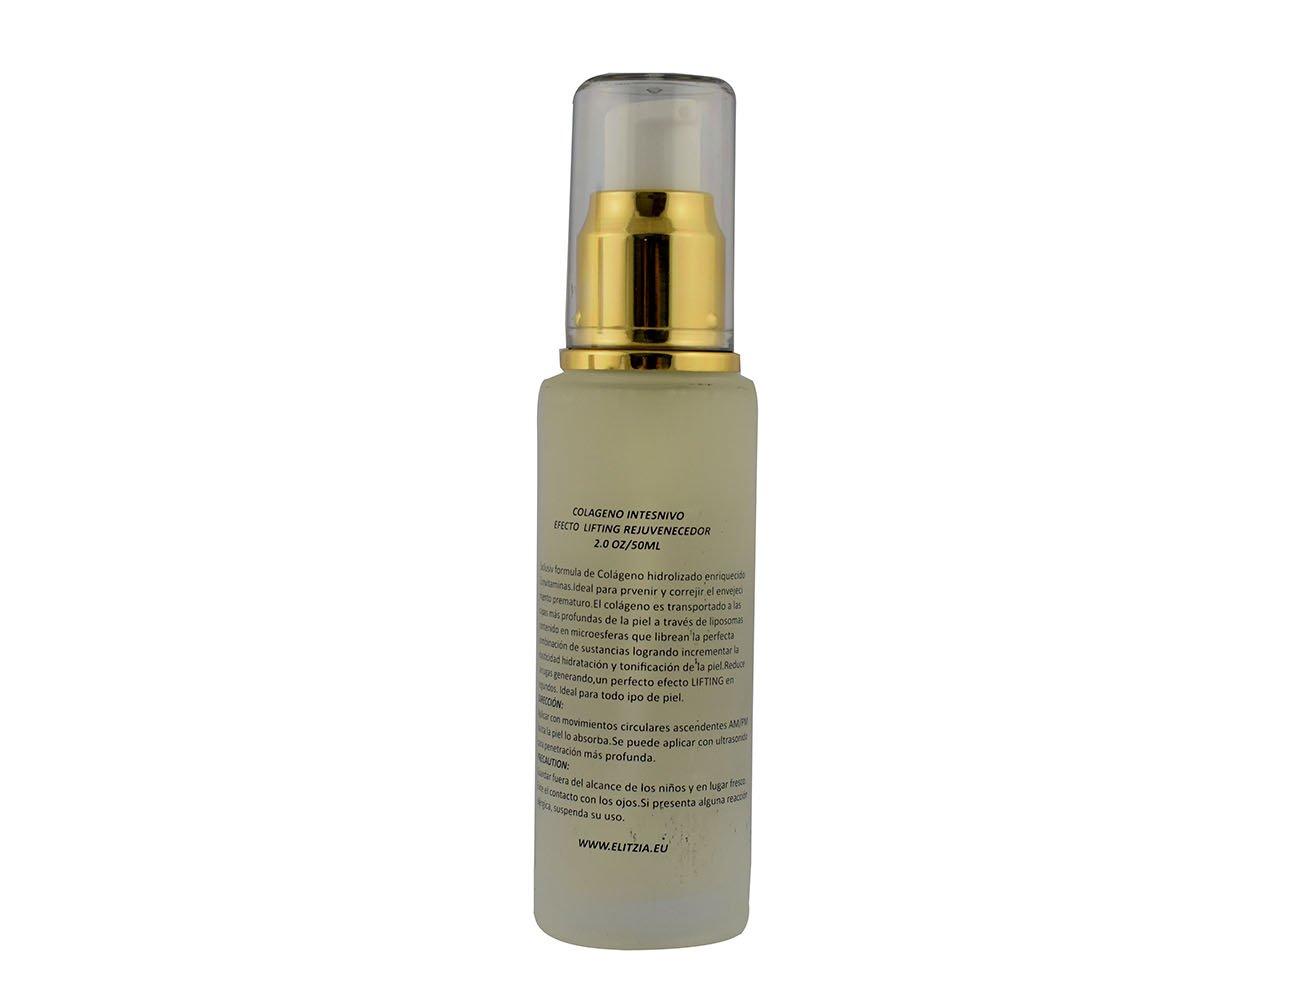 Elitzia ETCC001_FZ2 anti envejecimiento intenso gel de colágeno hidratante perfecto creador de la piel los efectos dañinos de los radicales libres ...